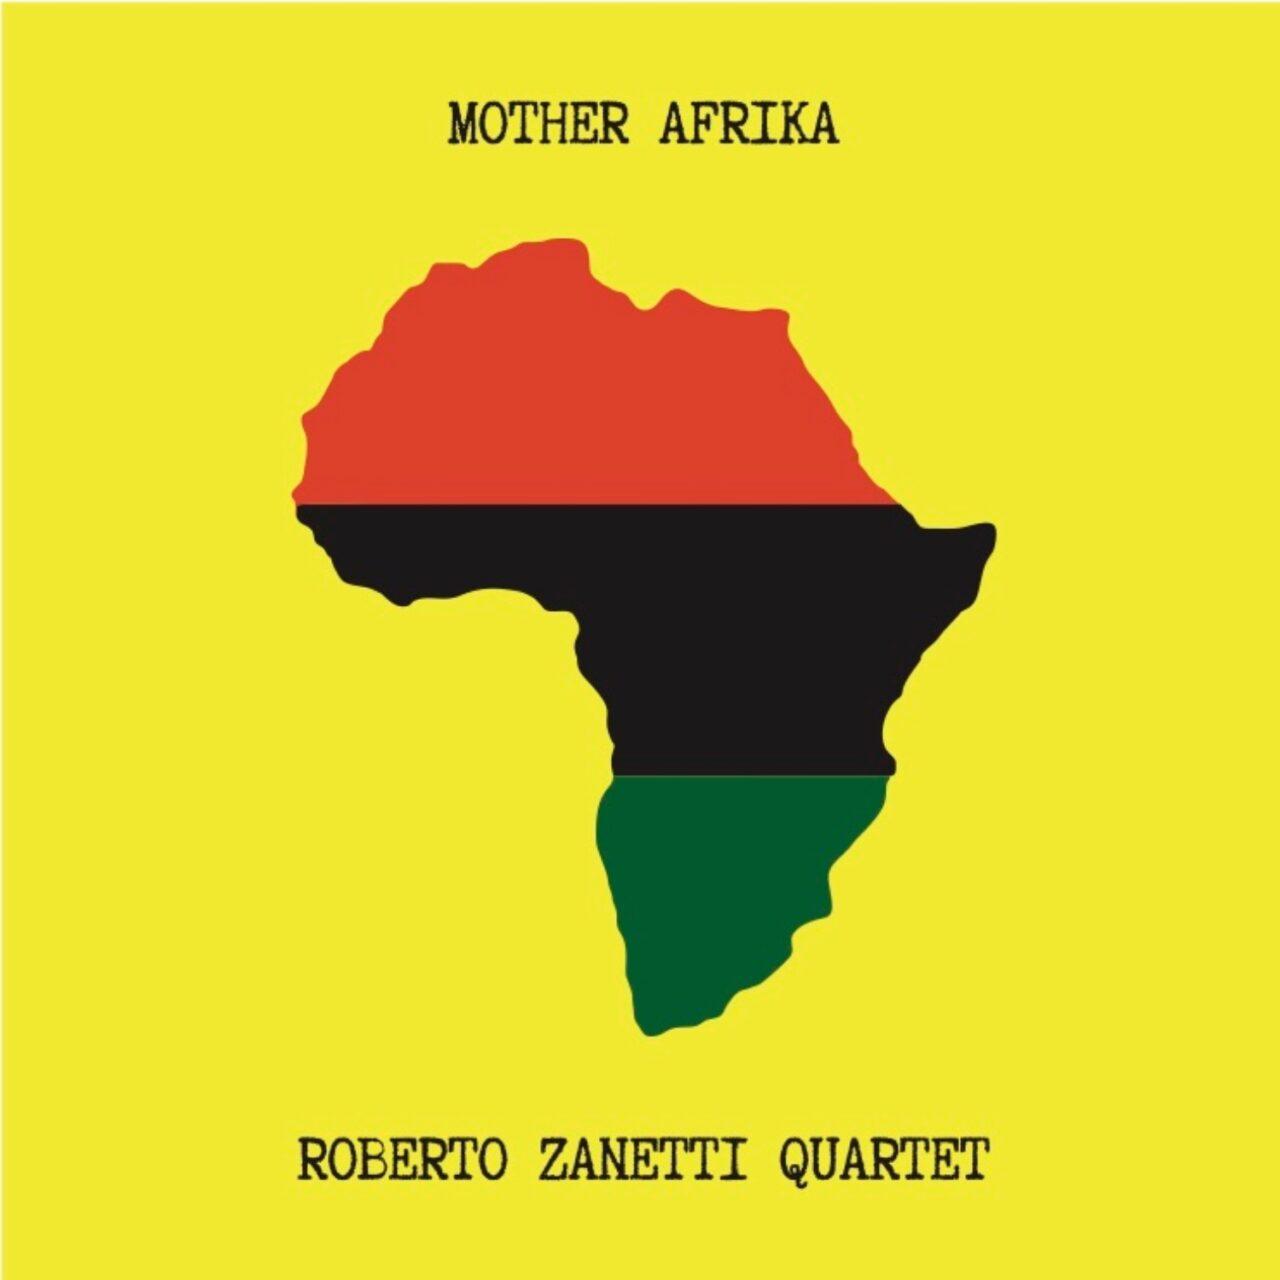 Mother Afrika: il nuovo album di Roberto Zanetti 4Tet - Le origini del  jazz, l'amore per l'Africa, un omaggio a figure femminili -  politicamentecorretto.com